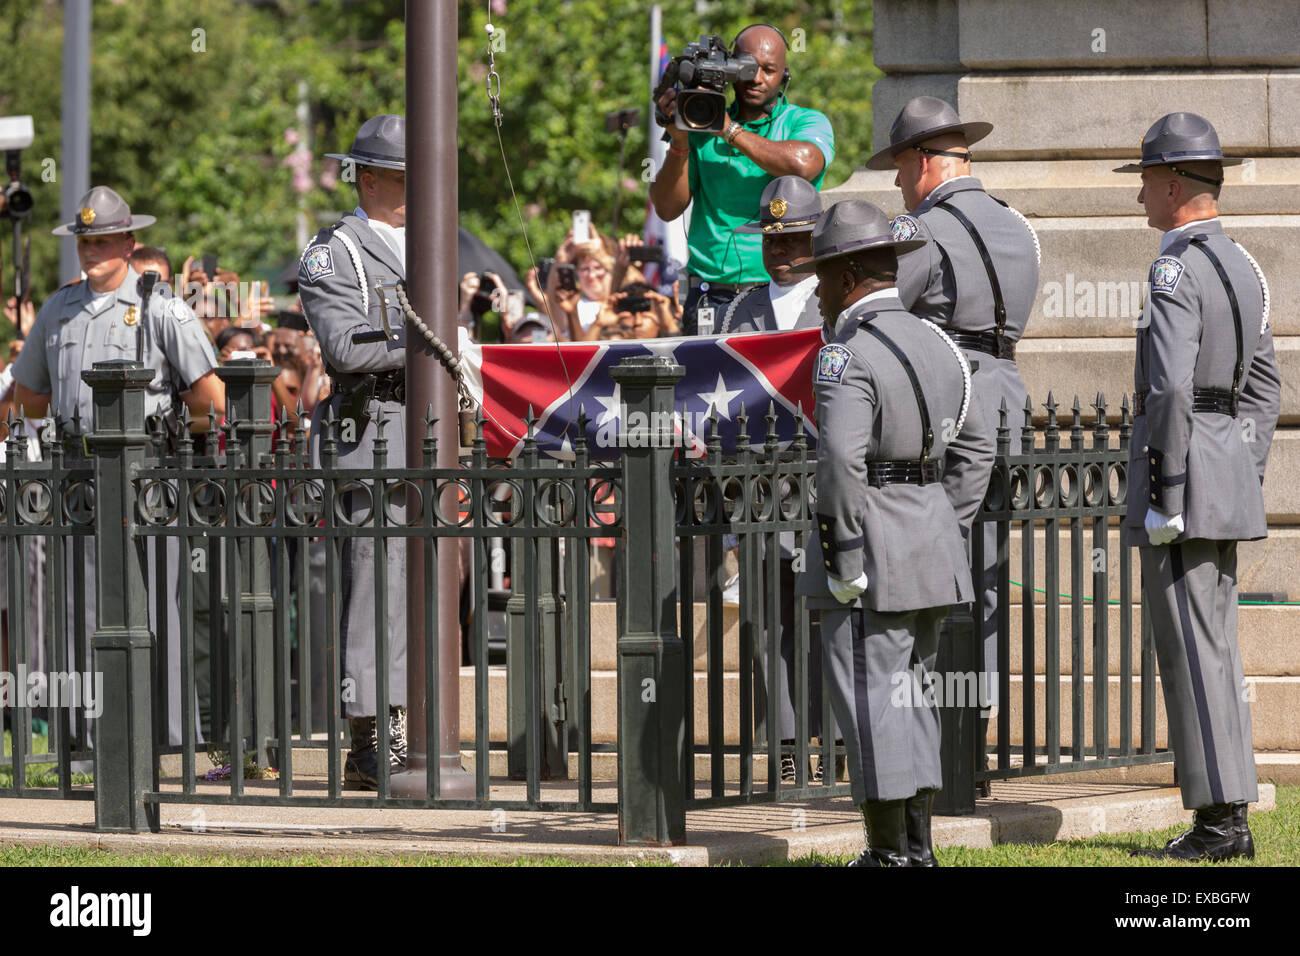 Columbia, South Carolina, USA. 10th July, 2015. South Carolina State police honor guard fold the Confederate flag - Stock Image